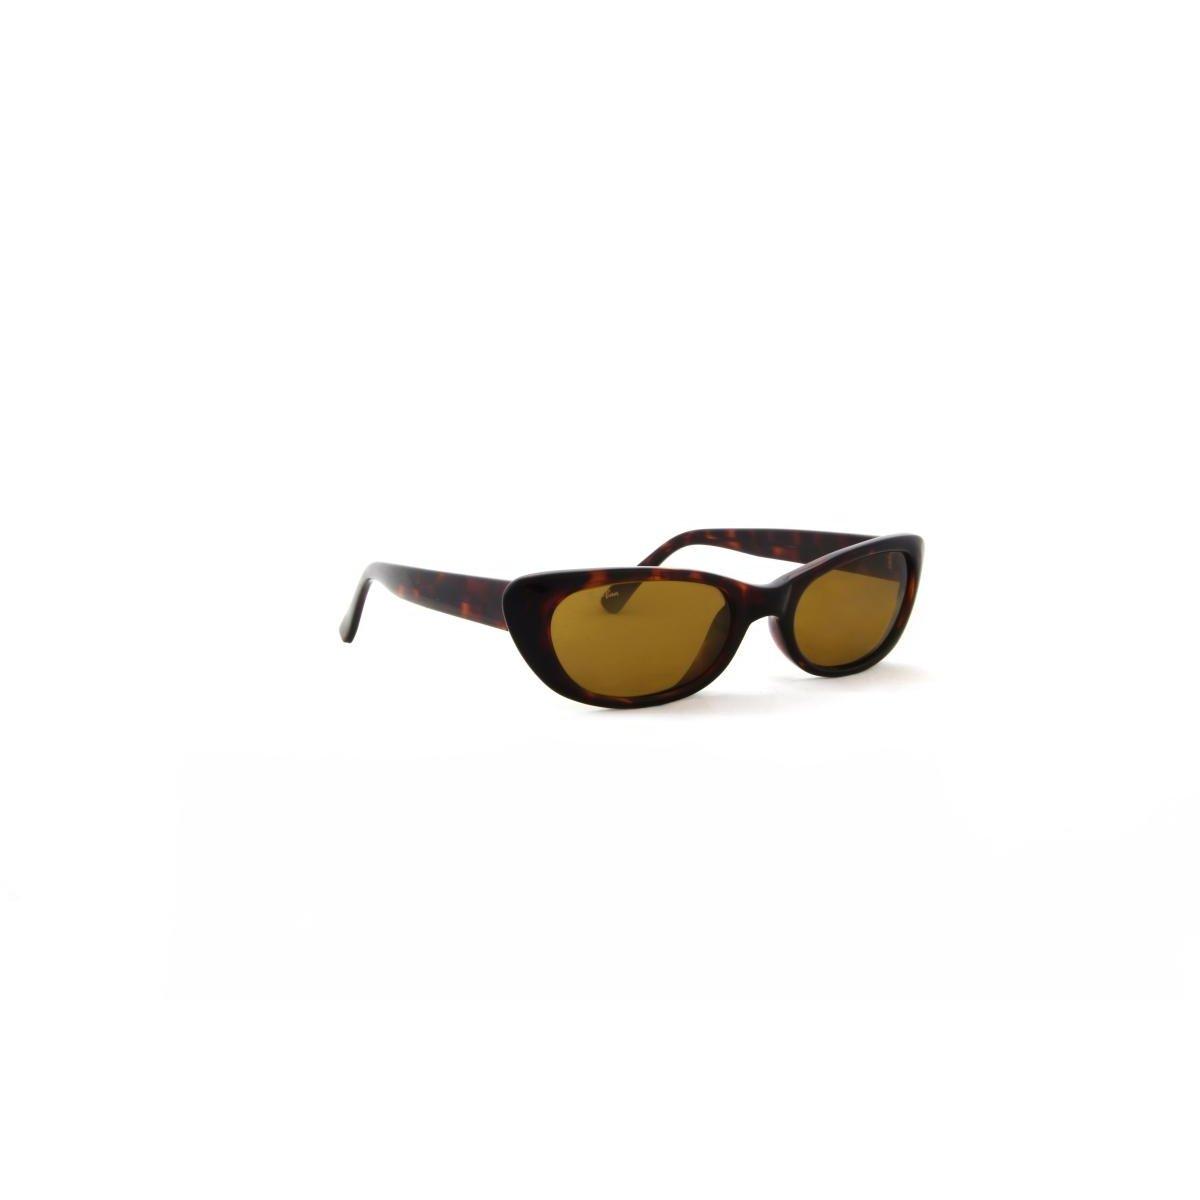 Óculos de Sol Ray Ban Armação Acetato Lente Cristal - Compre Agora ... fa72d3dcde